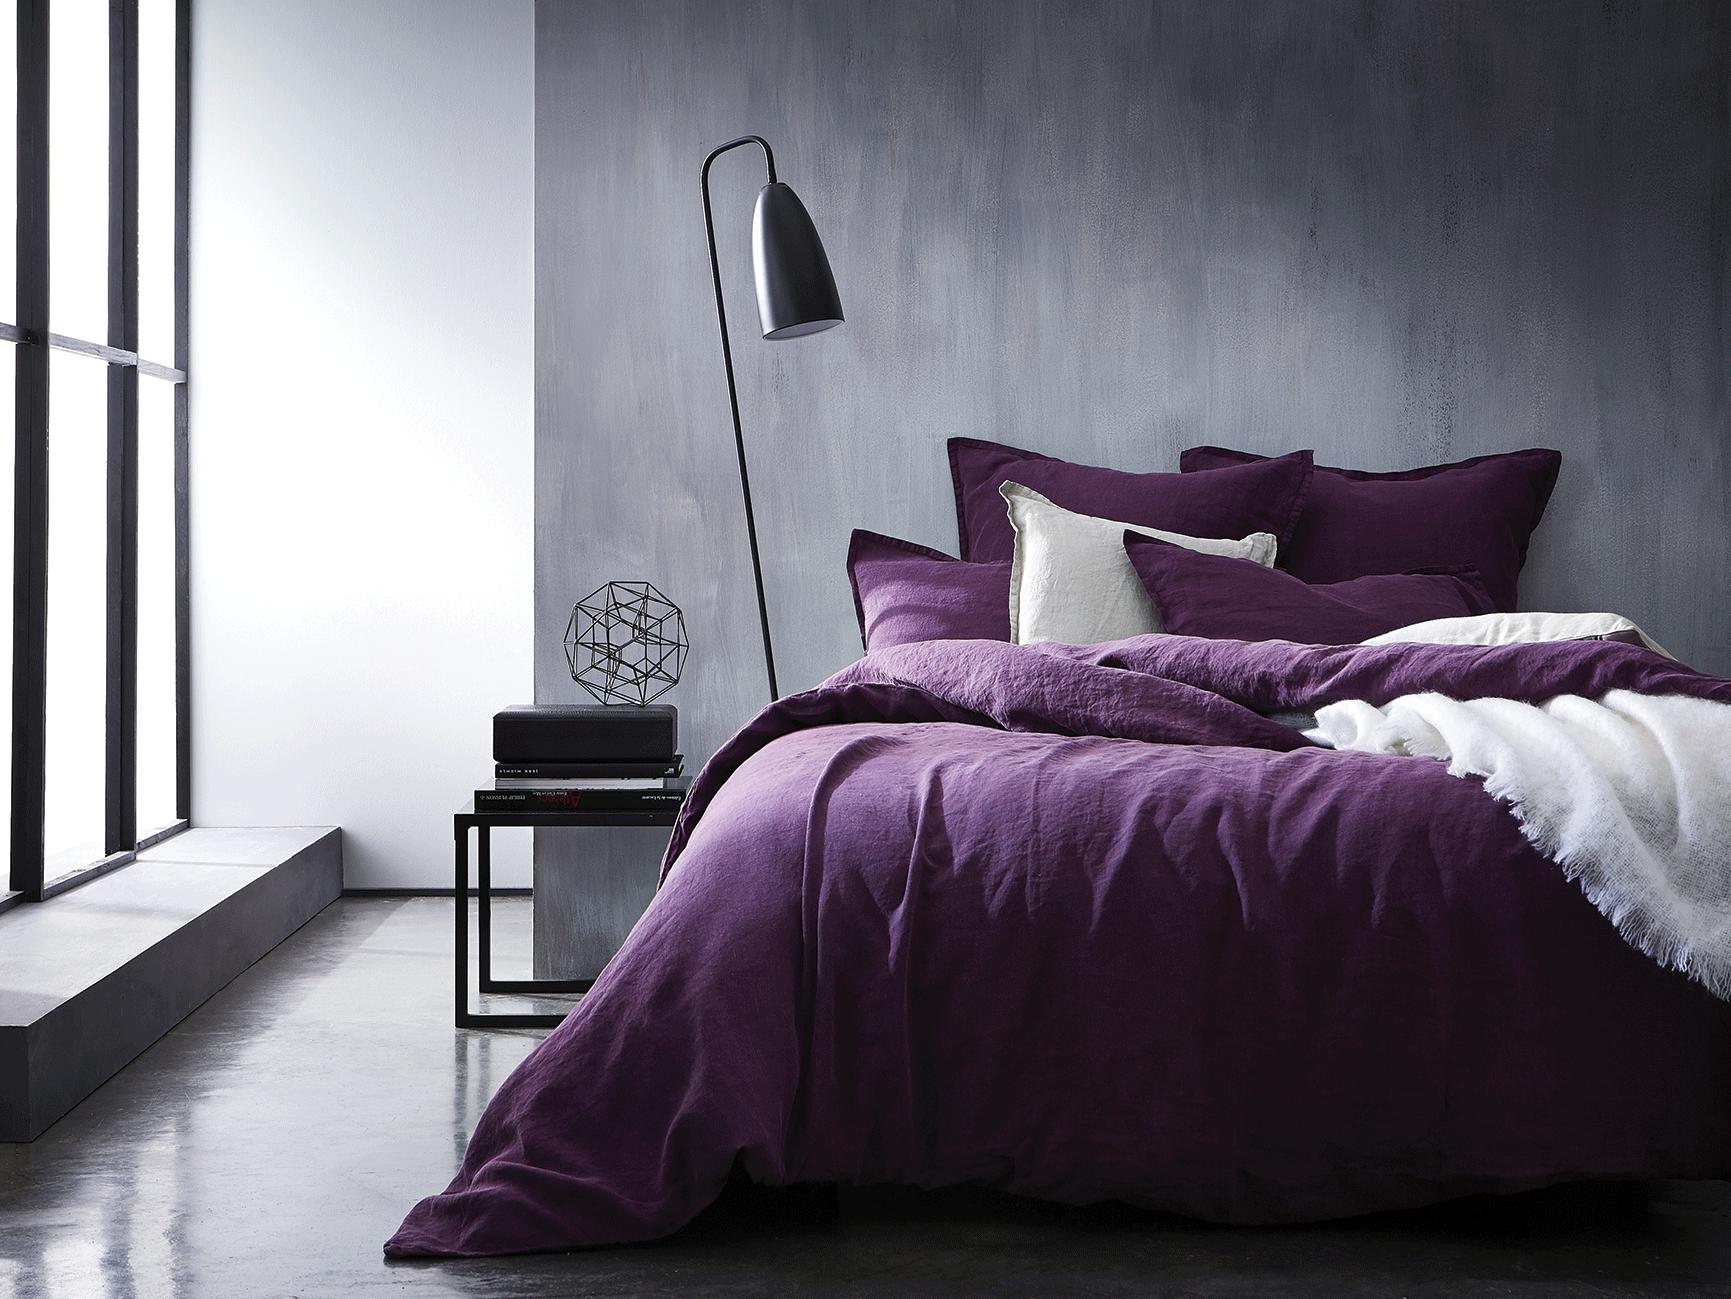 Housse De Couette Prune En 100 Lin Lave Mettez De La Couleur Dans Votre Chambre Avec Www Blanc Cerise C Bedroom Design Furniture Design Modern House Interior